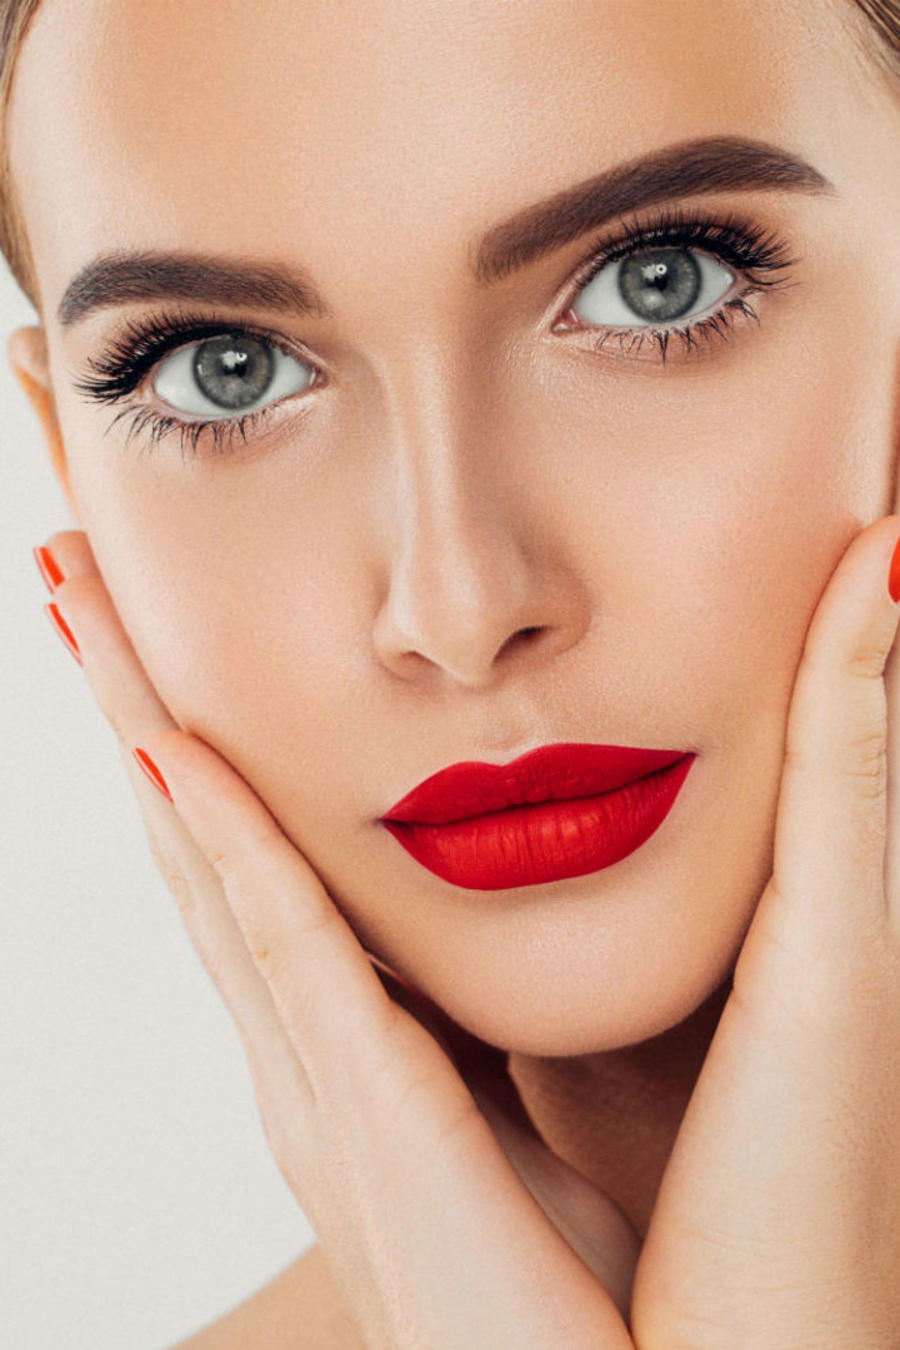 Mujer uñas y pestañas largas